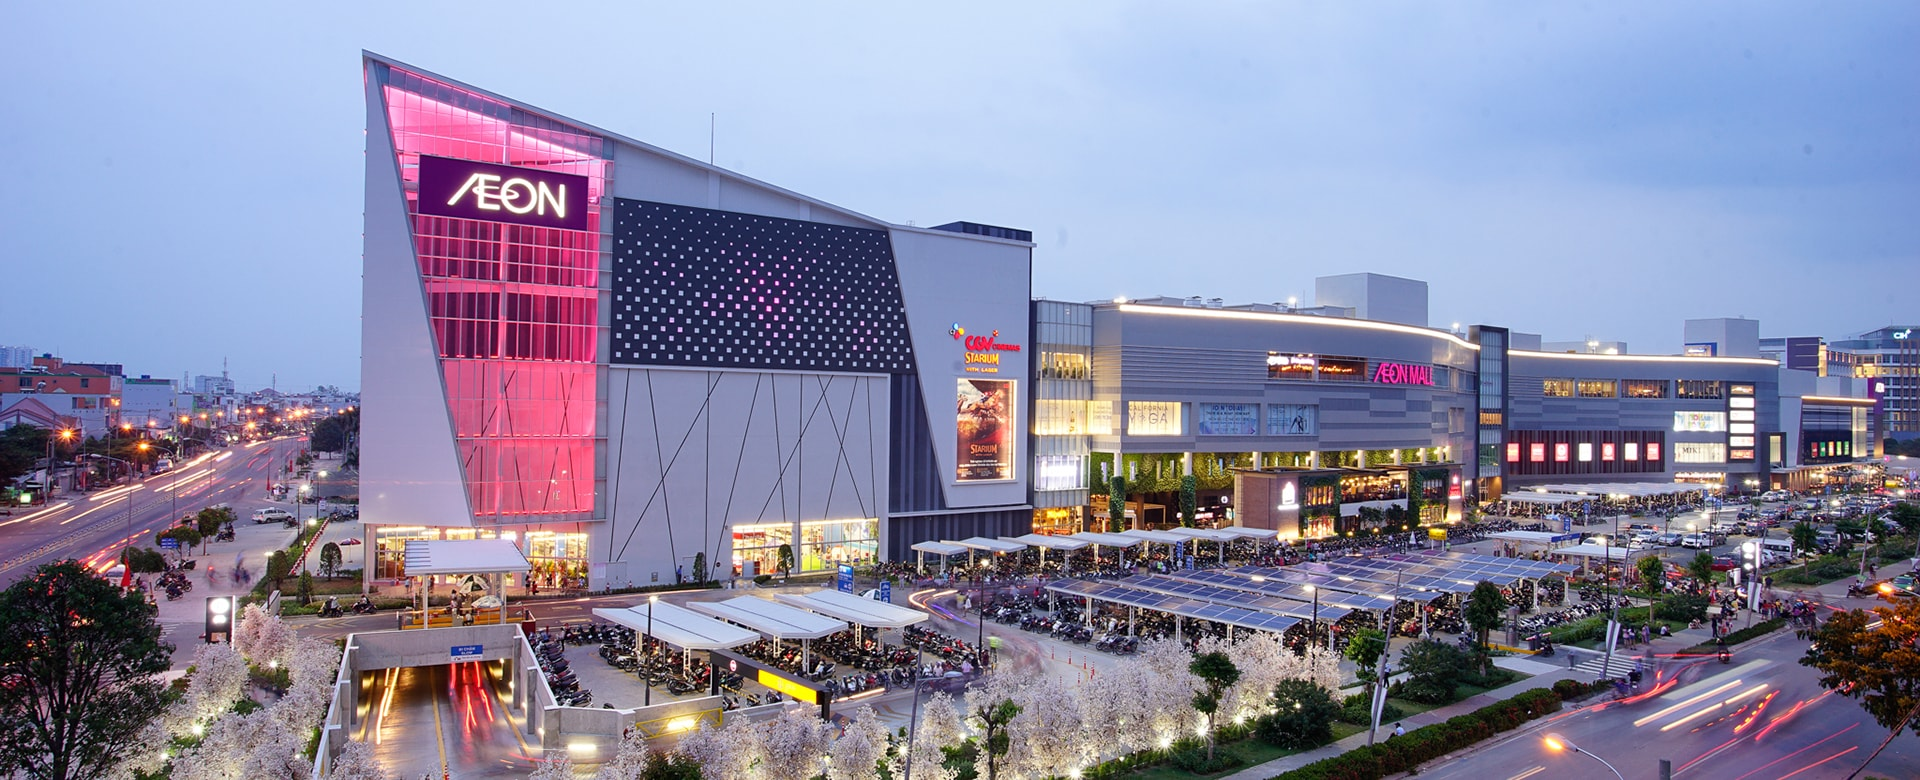 Siêu thị Aeon Mall khu tên lửa quận Bình Tân cách dự án D Homme Hồng Bàng 4km